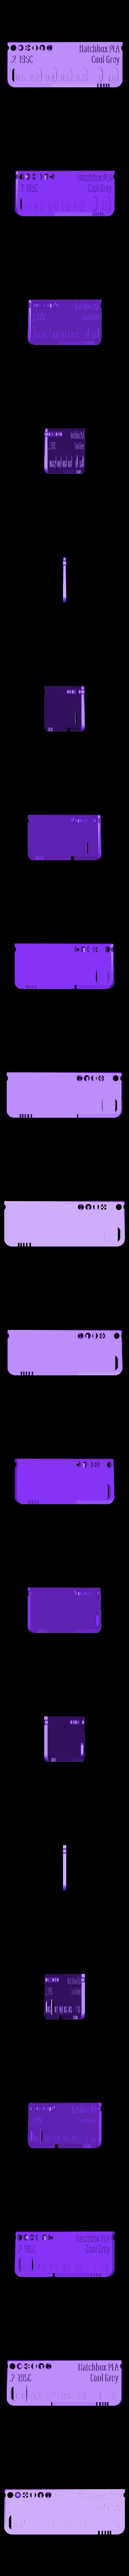 configurable_filament_swatch_vs_20190501-55-zlppef.stl Télécharger fichier STL gratuit Ma montre à filament personnalisé (test de filament) • Plan imprimable en 3D, Gemenon-Prop-Replicas